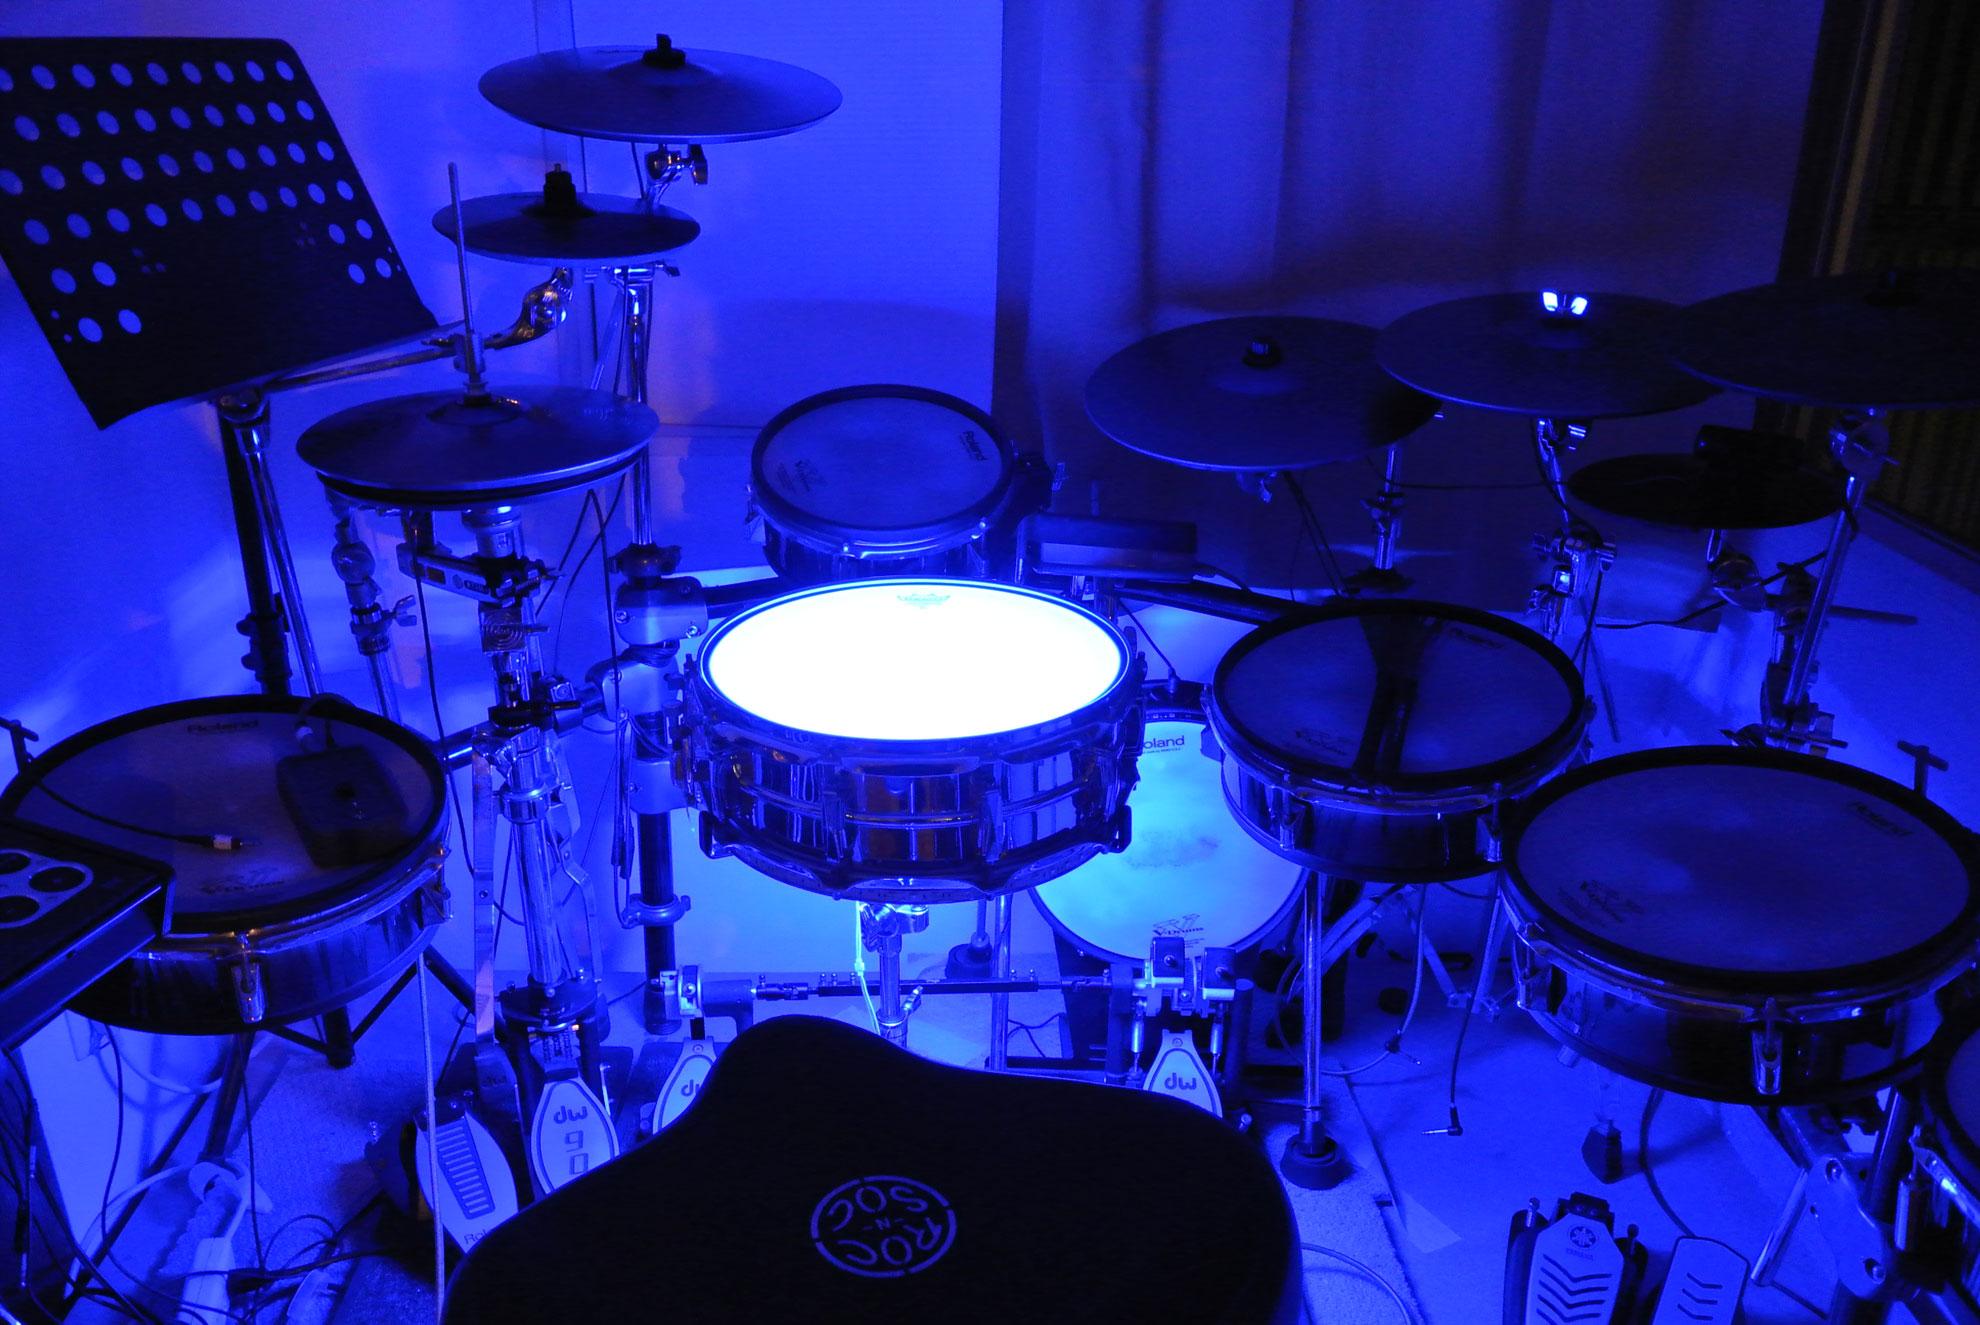 光るドラム! スネア・ライトニング・ジャズキット完成